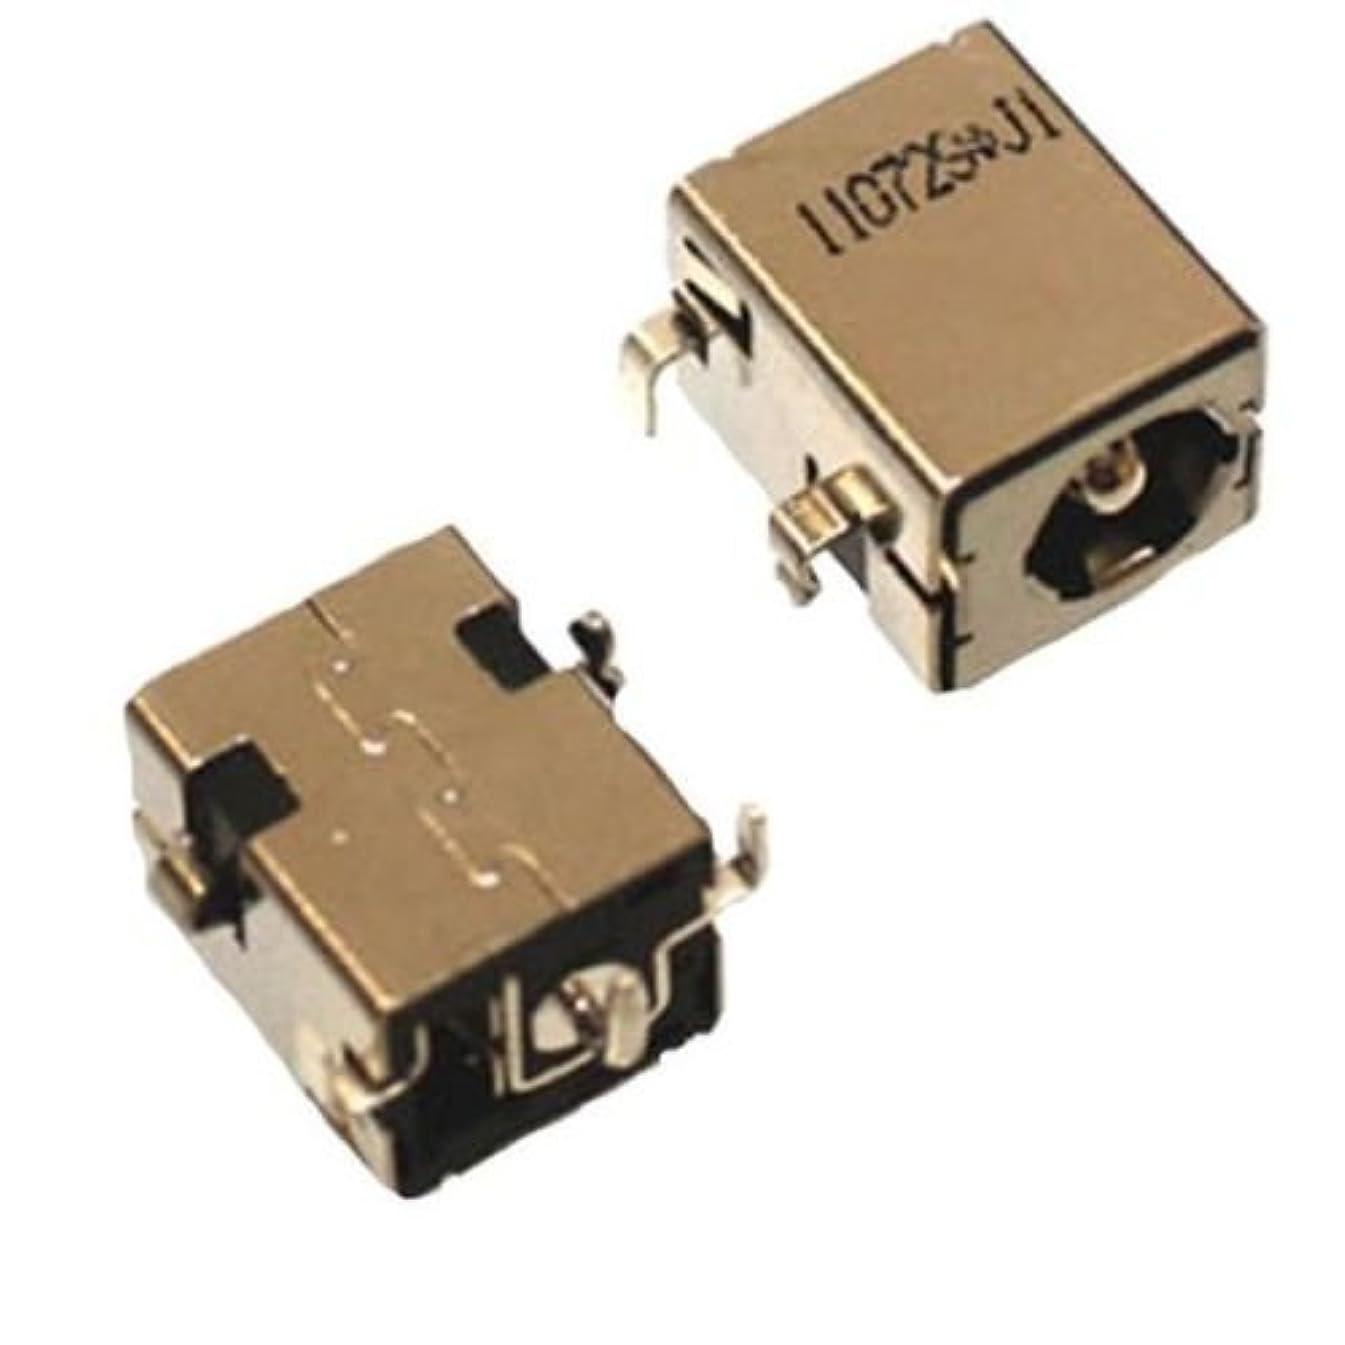 エピソード紳士独特の対応交換用 DC電源ジャックコネクタ ASUS K53E-DH31 K53E-DH51 K53E-RIN5 K53E-DH52 K53E-DH91 X52J X52F X54H X54H-BD3MA